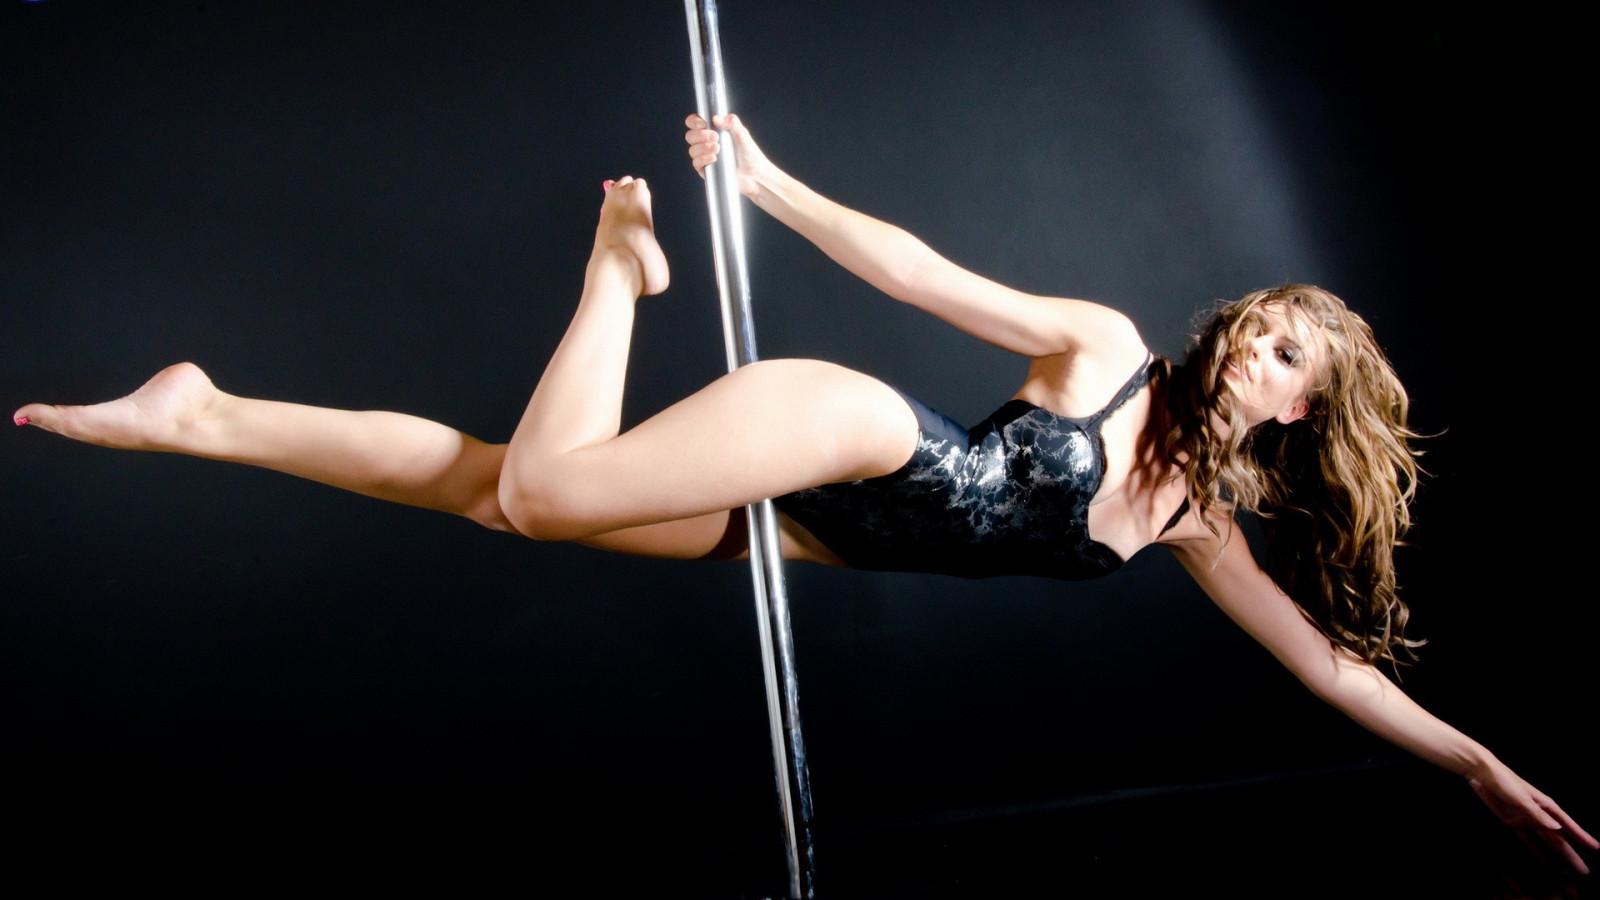 hot-pole-dancing-women